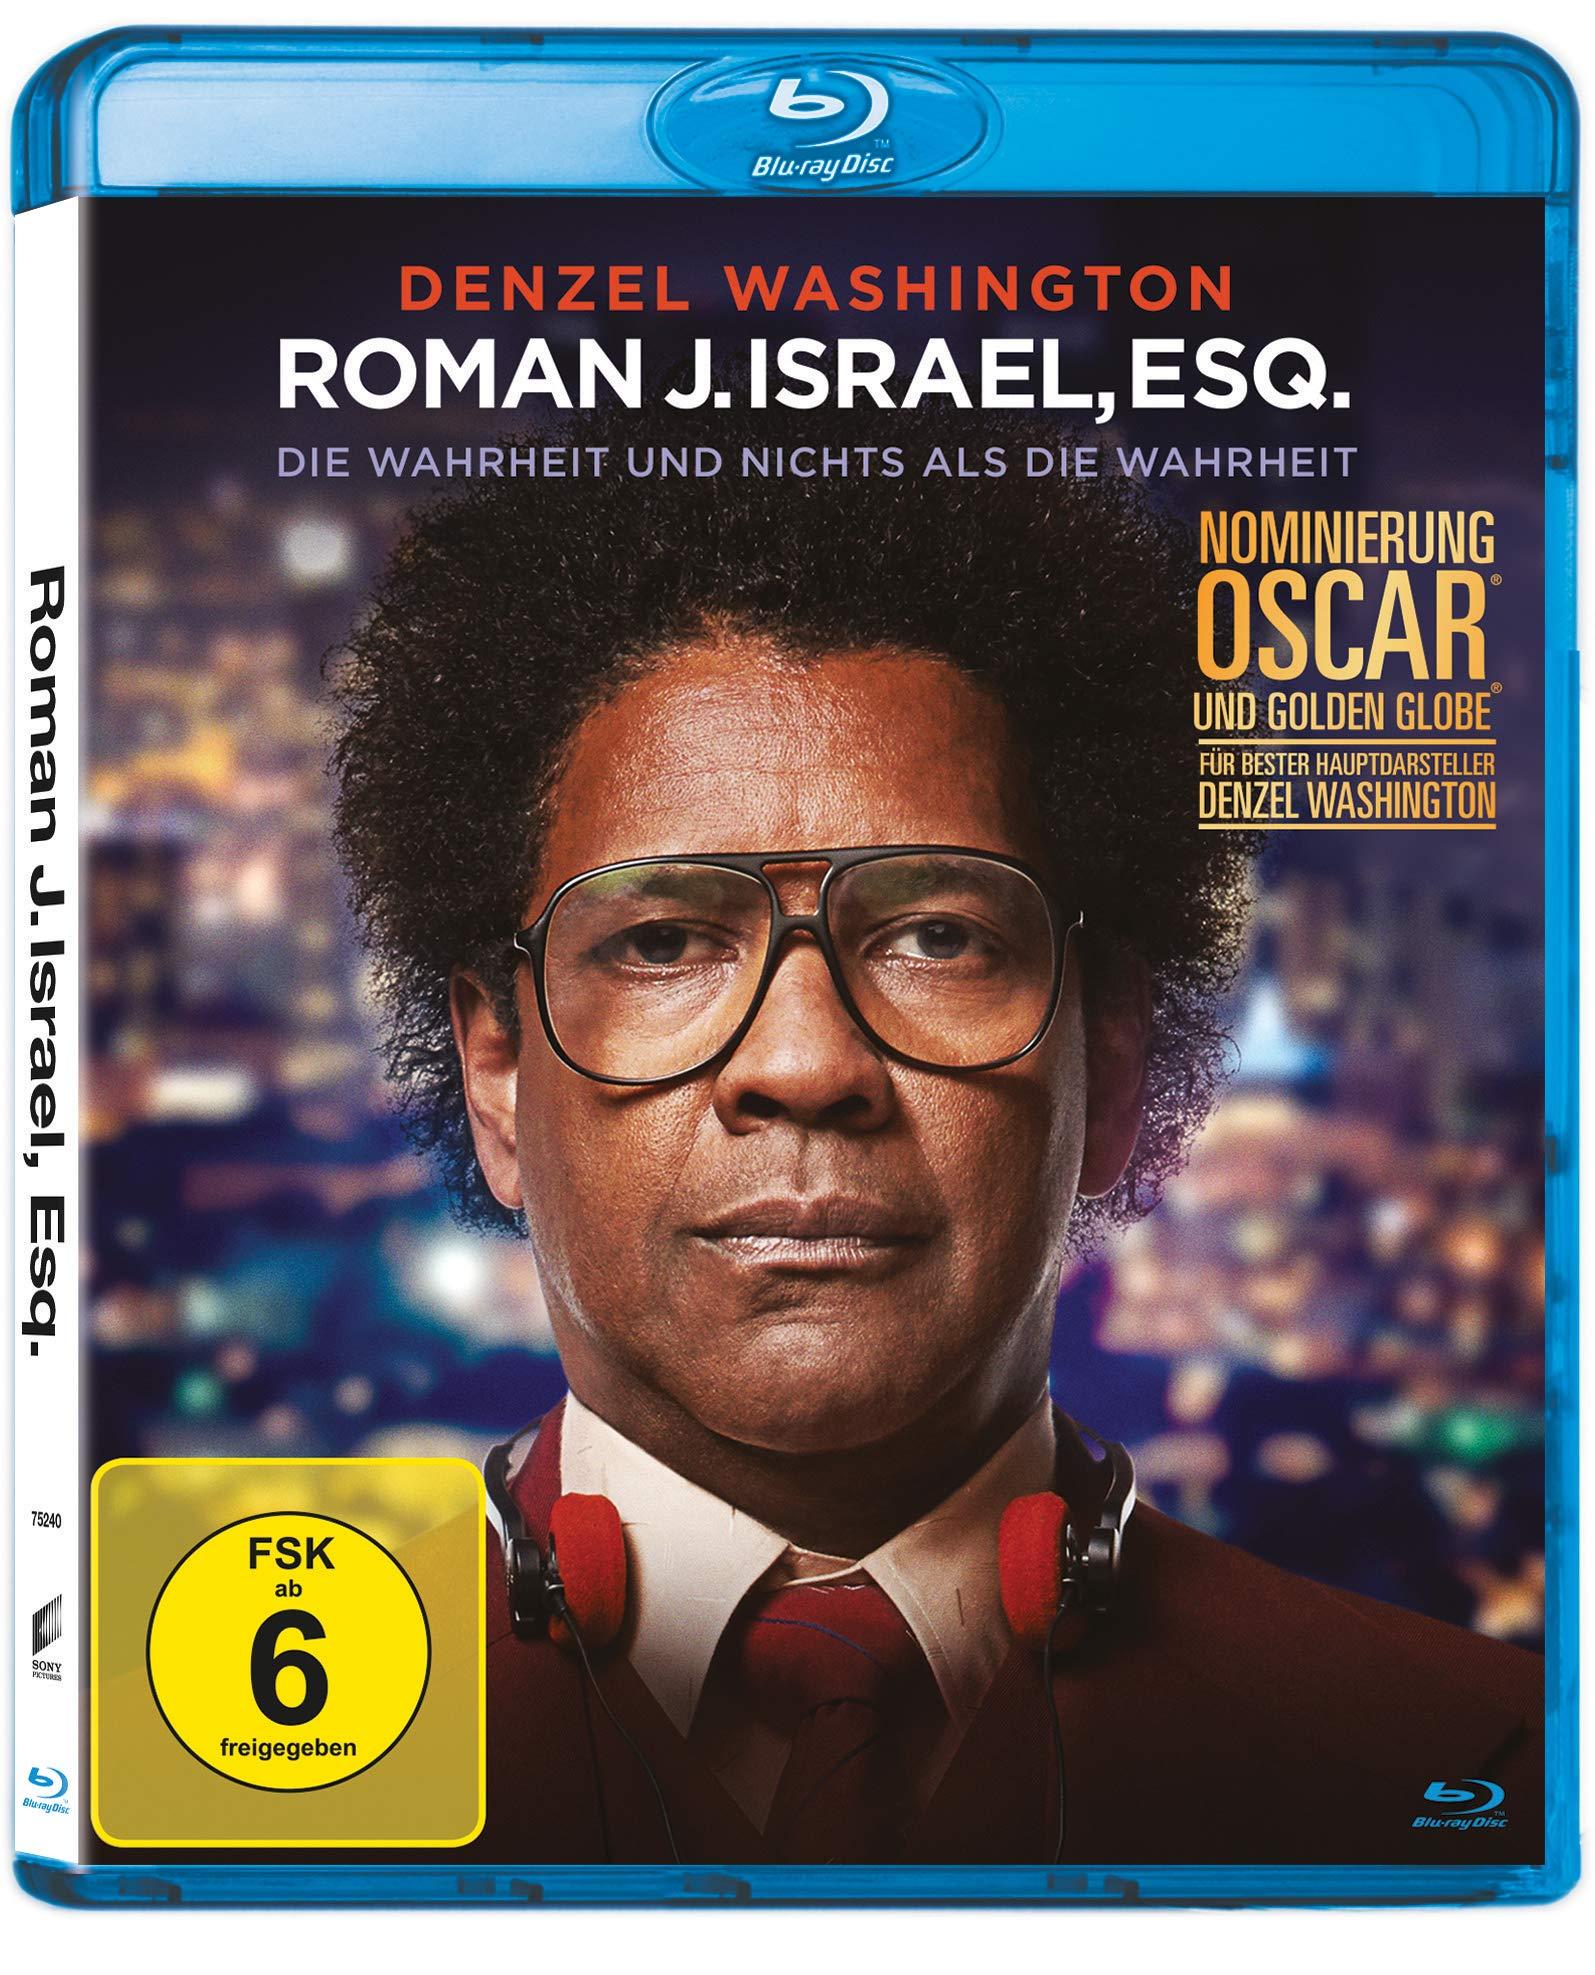 download Roman.J.Israel.Esq.Die.Wahrheit.und.nichts.als.die.Wahrheit.2017.German.DTS.DL.1080p.BluRay.x264-LeetHD